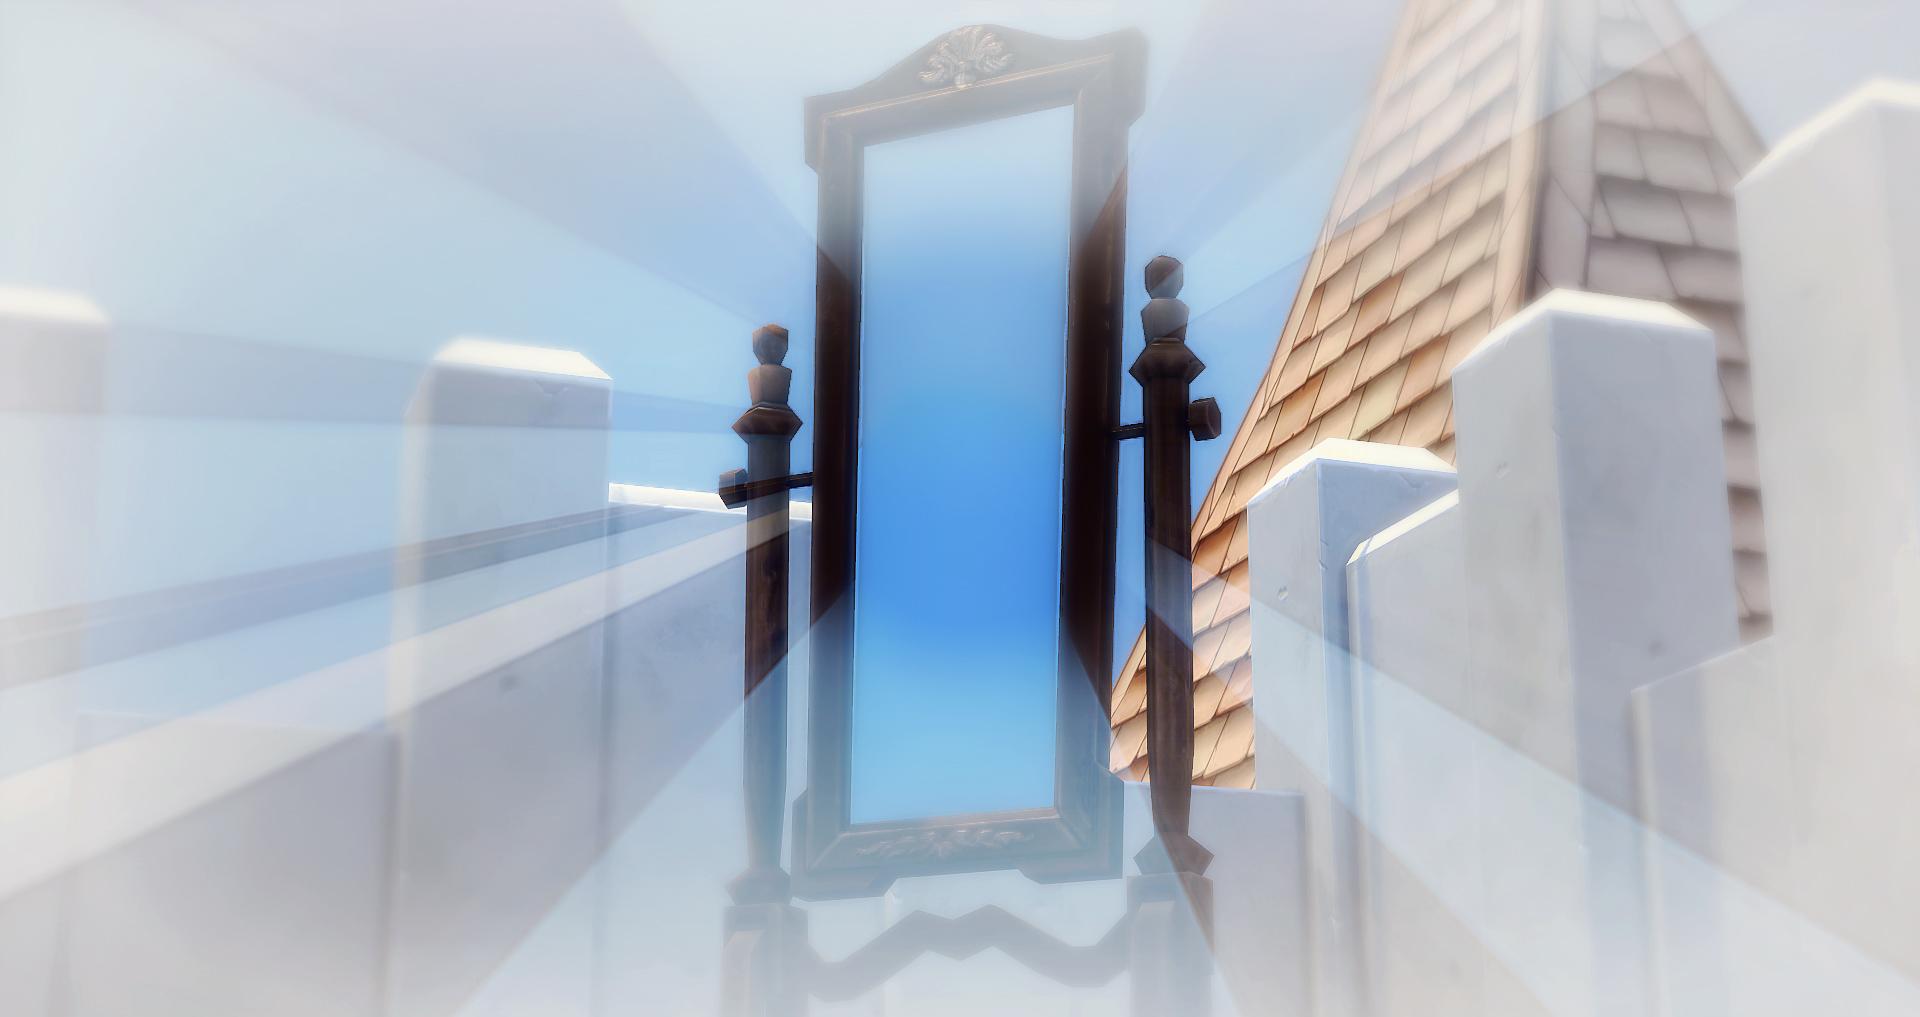 Pr lude de l 39 autre c t du miroir studiosims creation for L autre cote du miroir